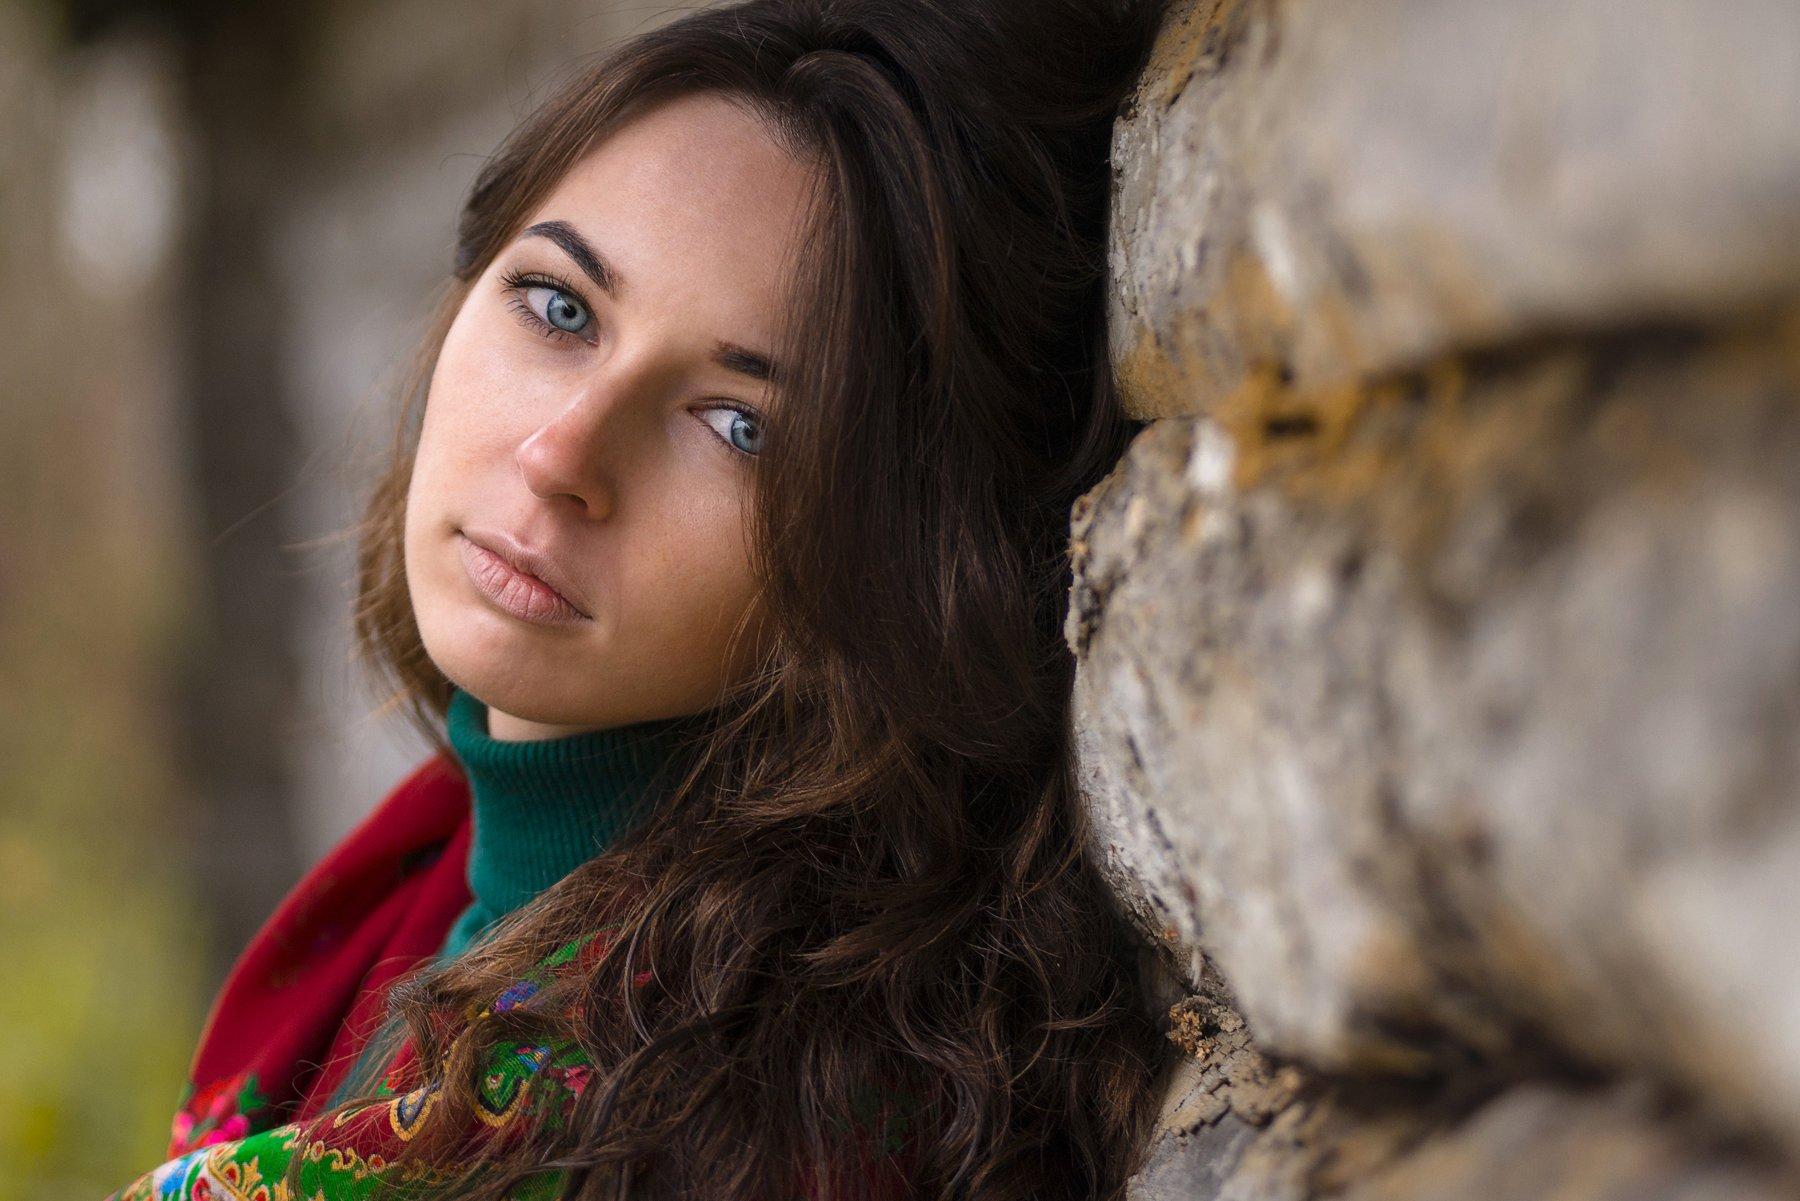 девушка взгляд бревна дерево платок зеленый красный, Игорь Сидорук